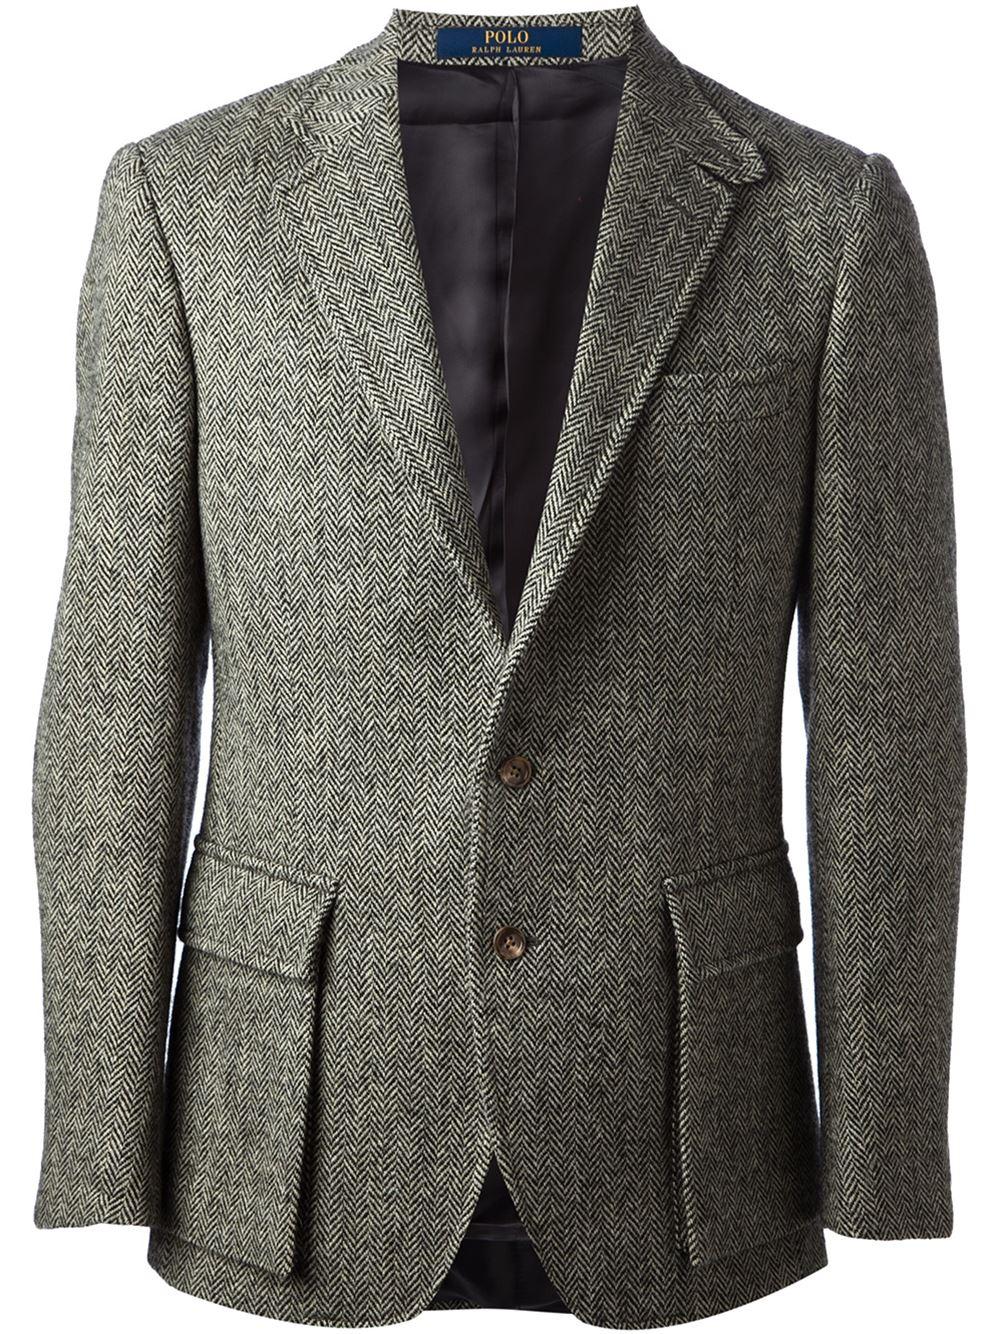 Lyst Polo Ralph Lauren Tweed Blazer In Green For Men